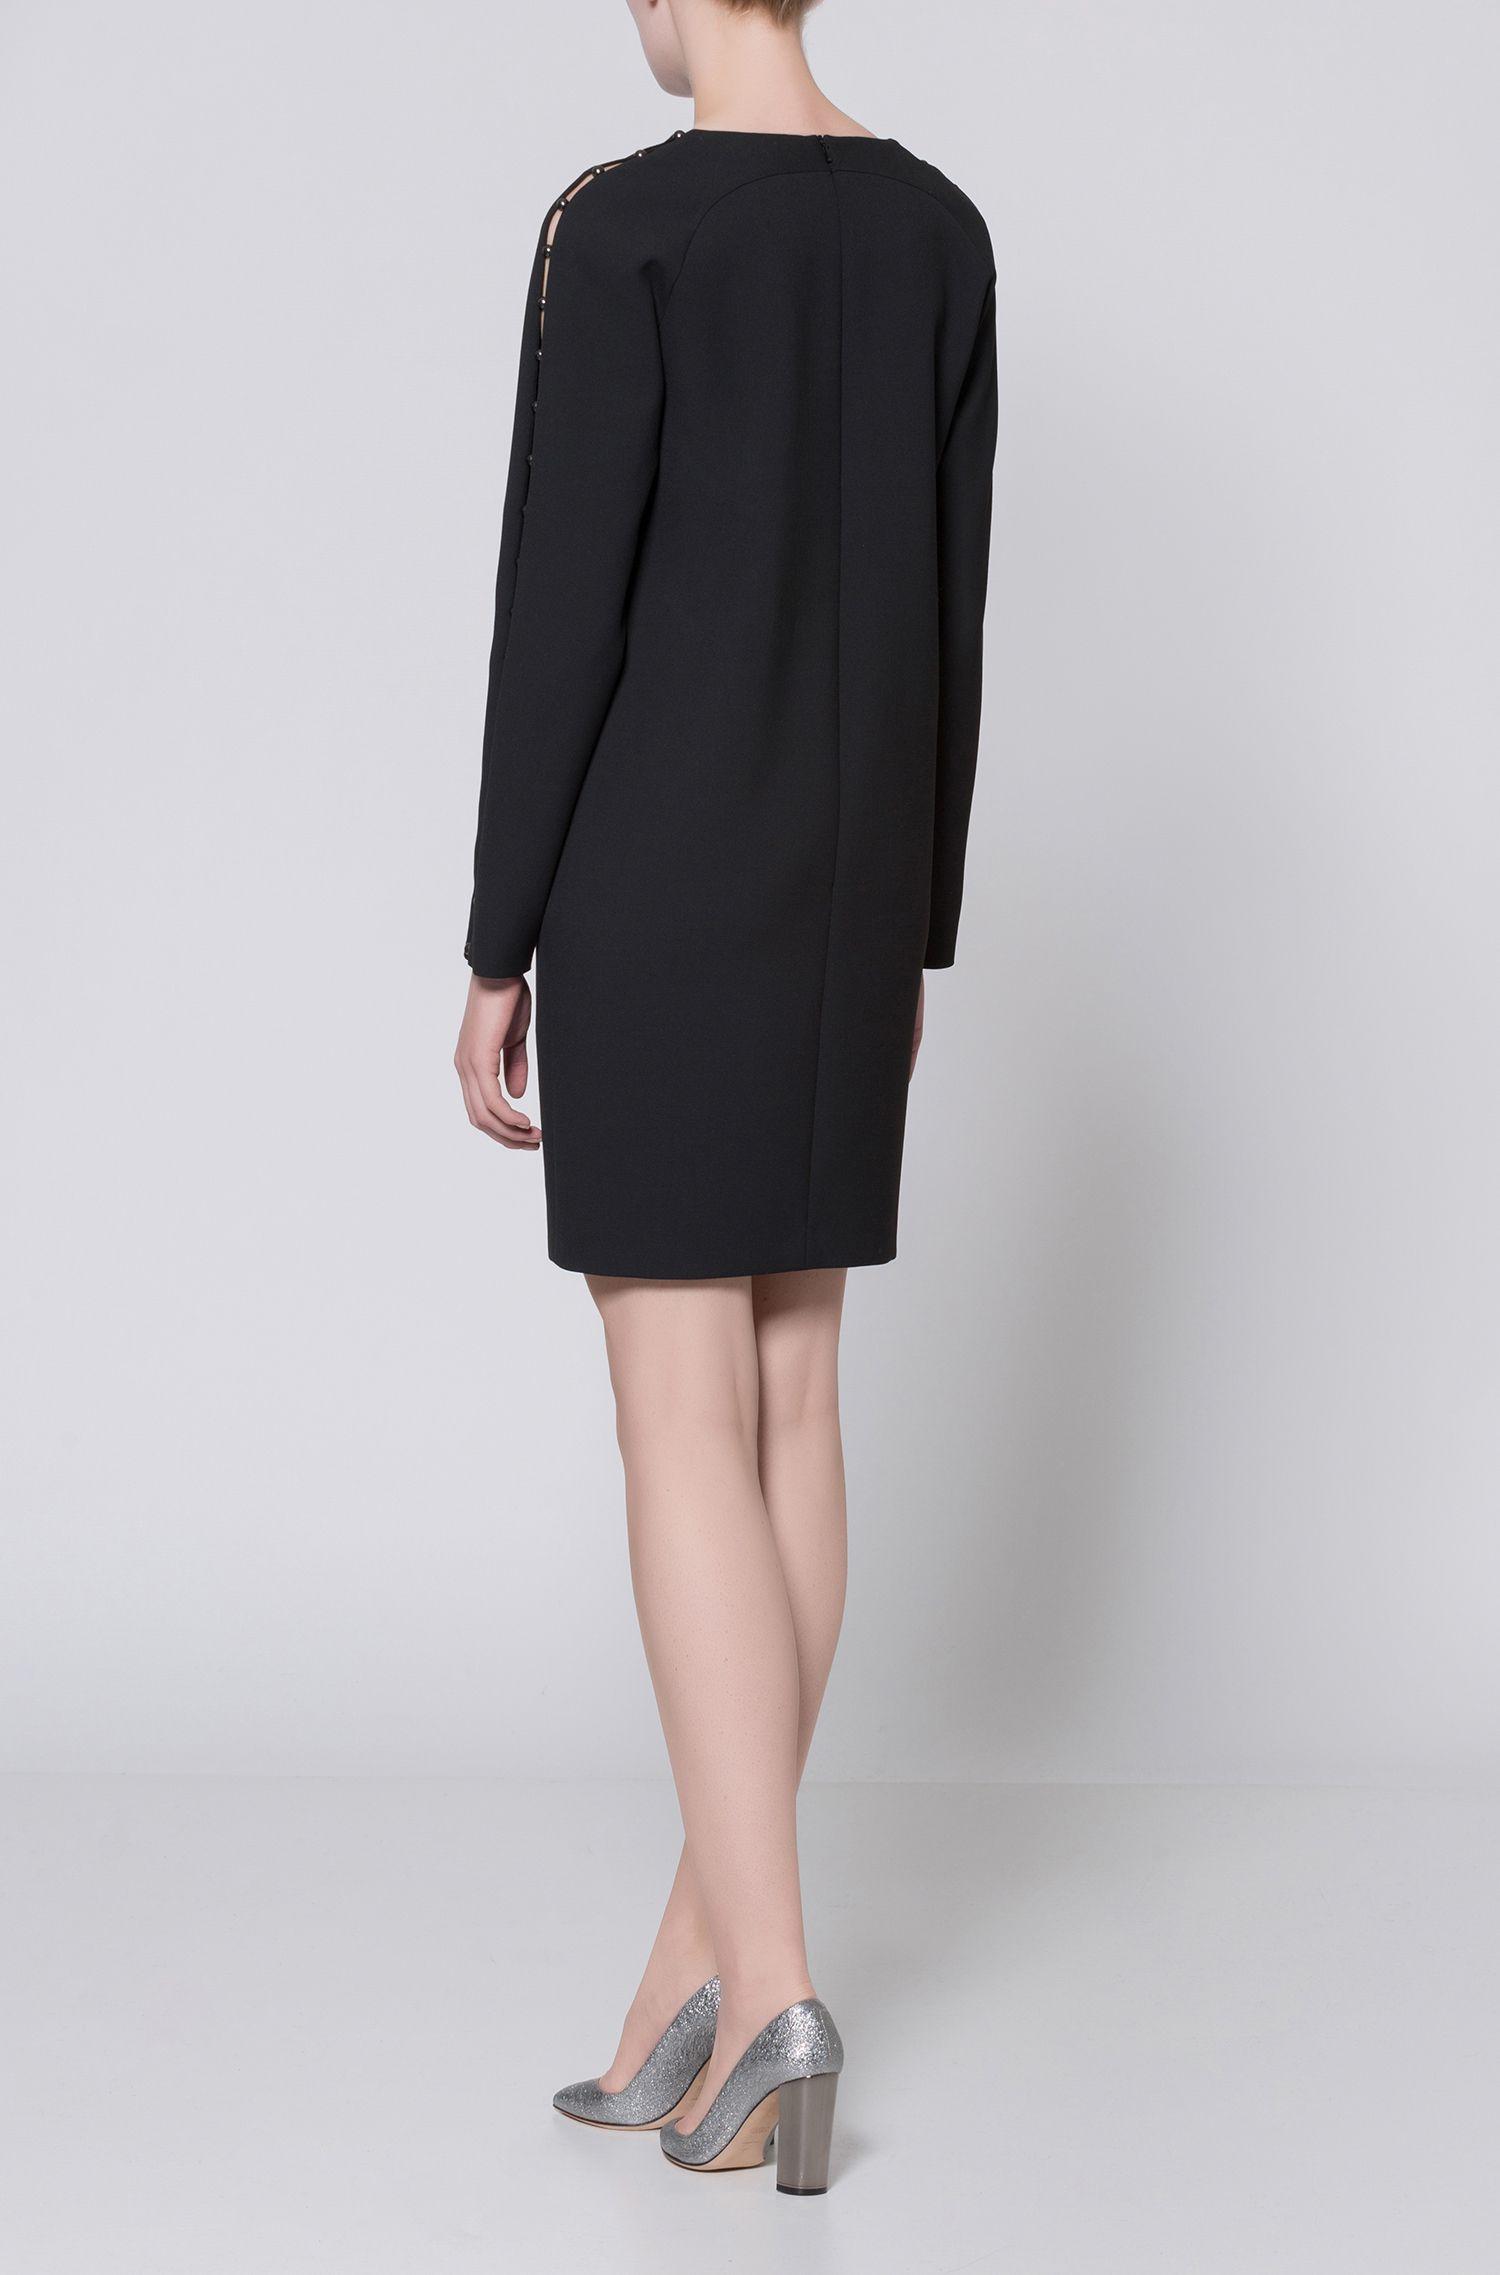 Kleid aus elastischem Material-Mix mit Baumwolle mit langen Ärmeln und Perlen-Besatz